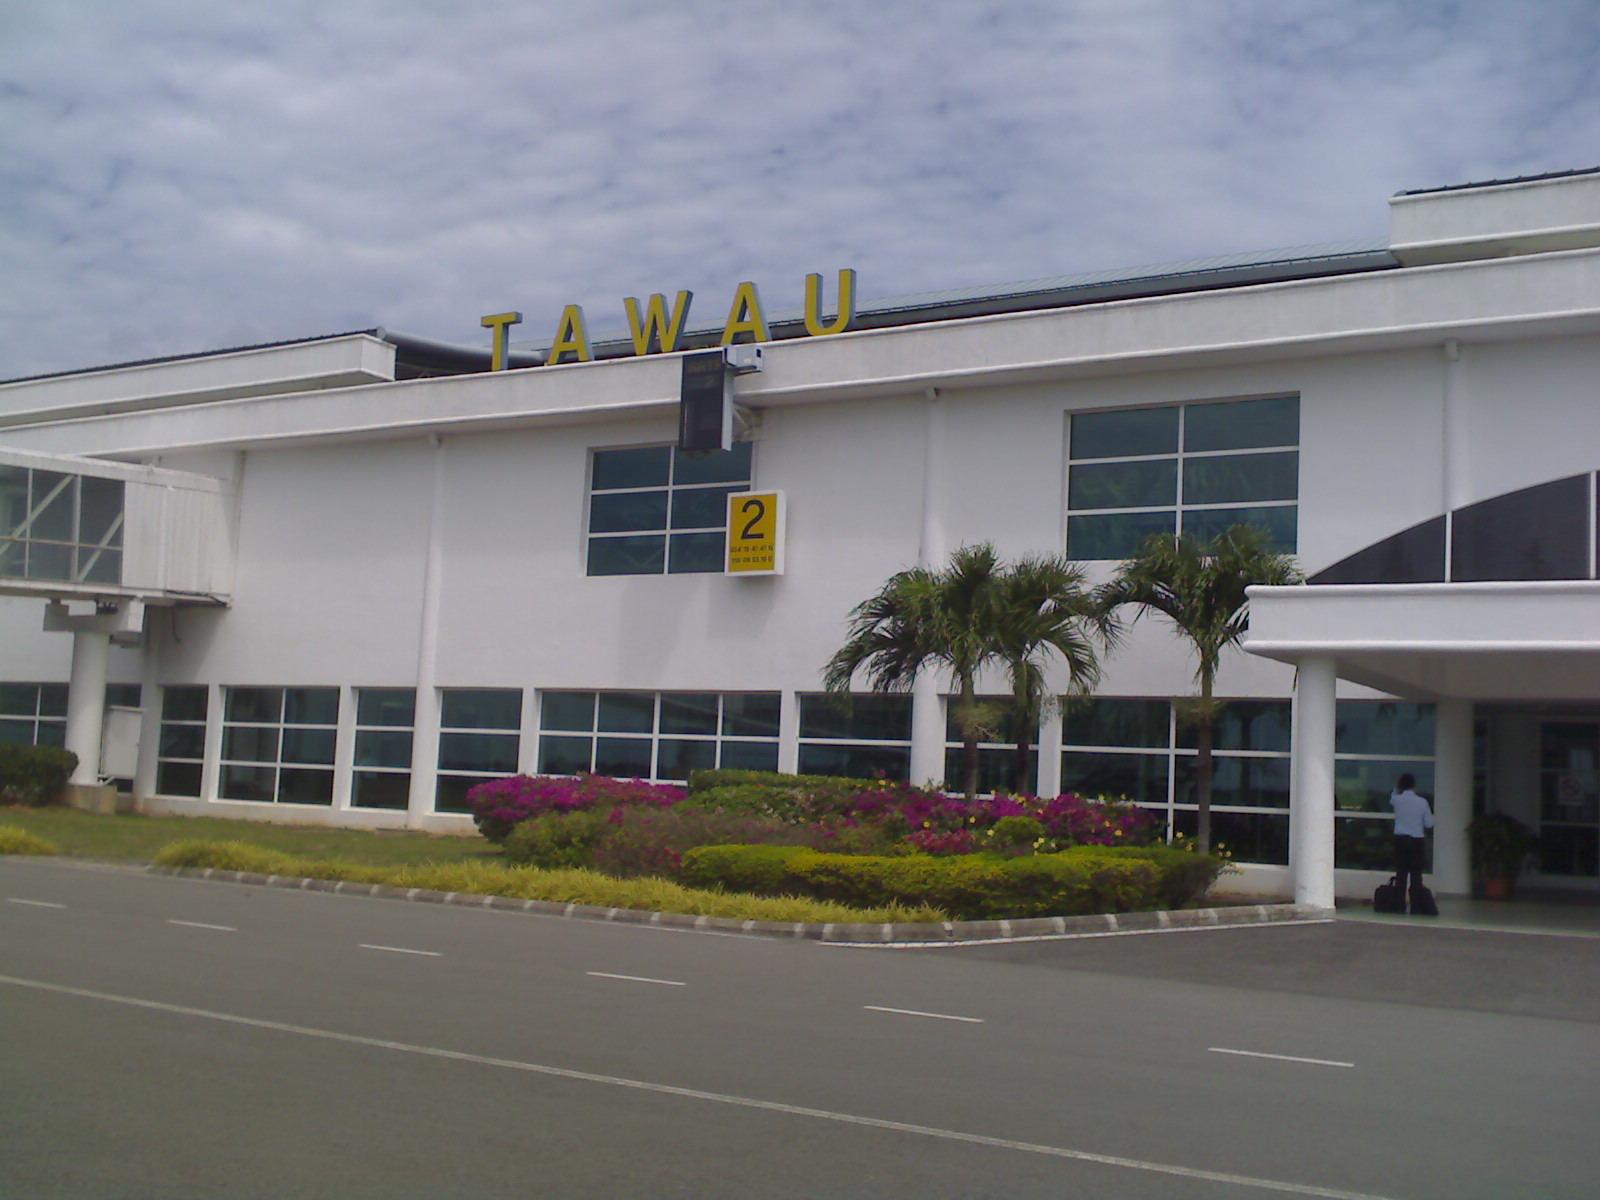 Bandar Udara Tawau  Wikipedia bahasa Indonesia